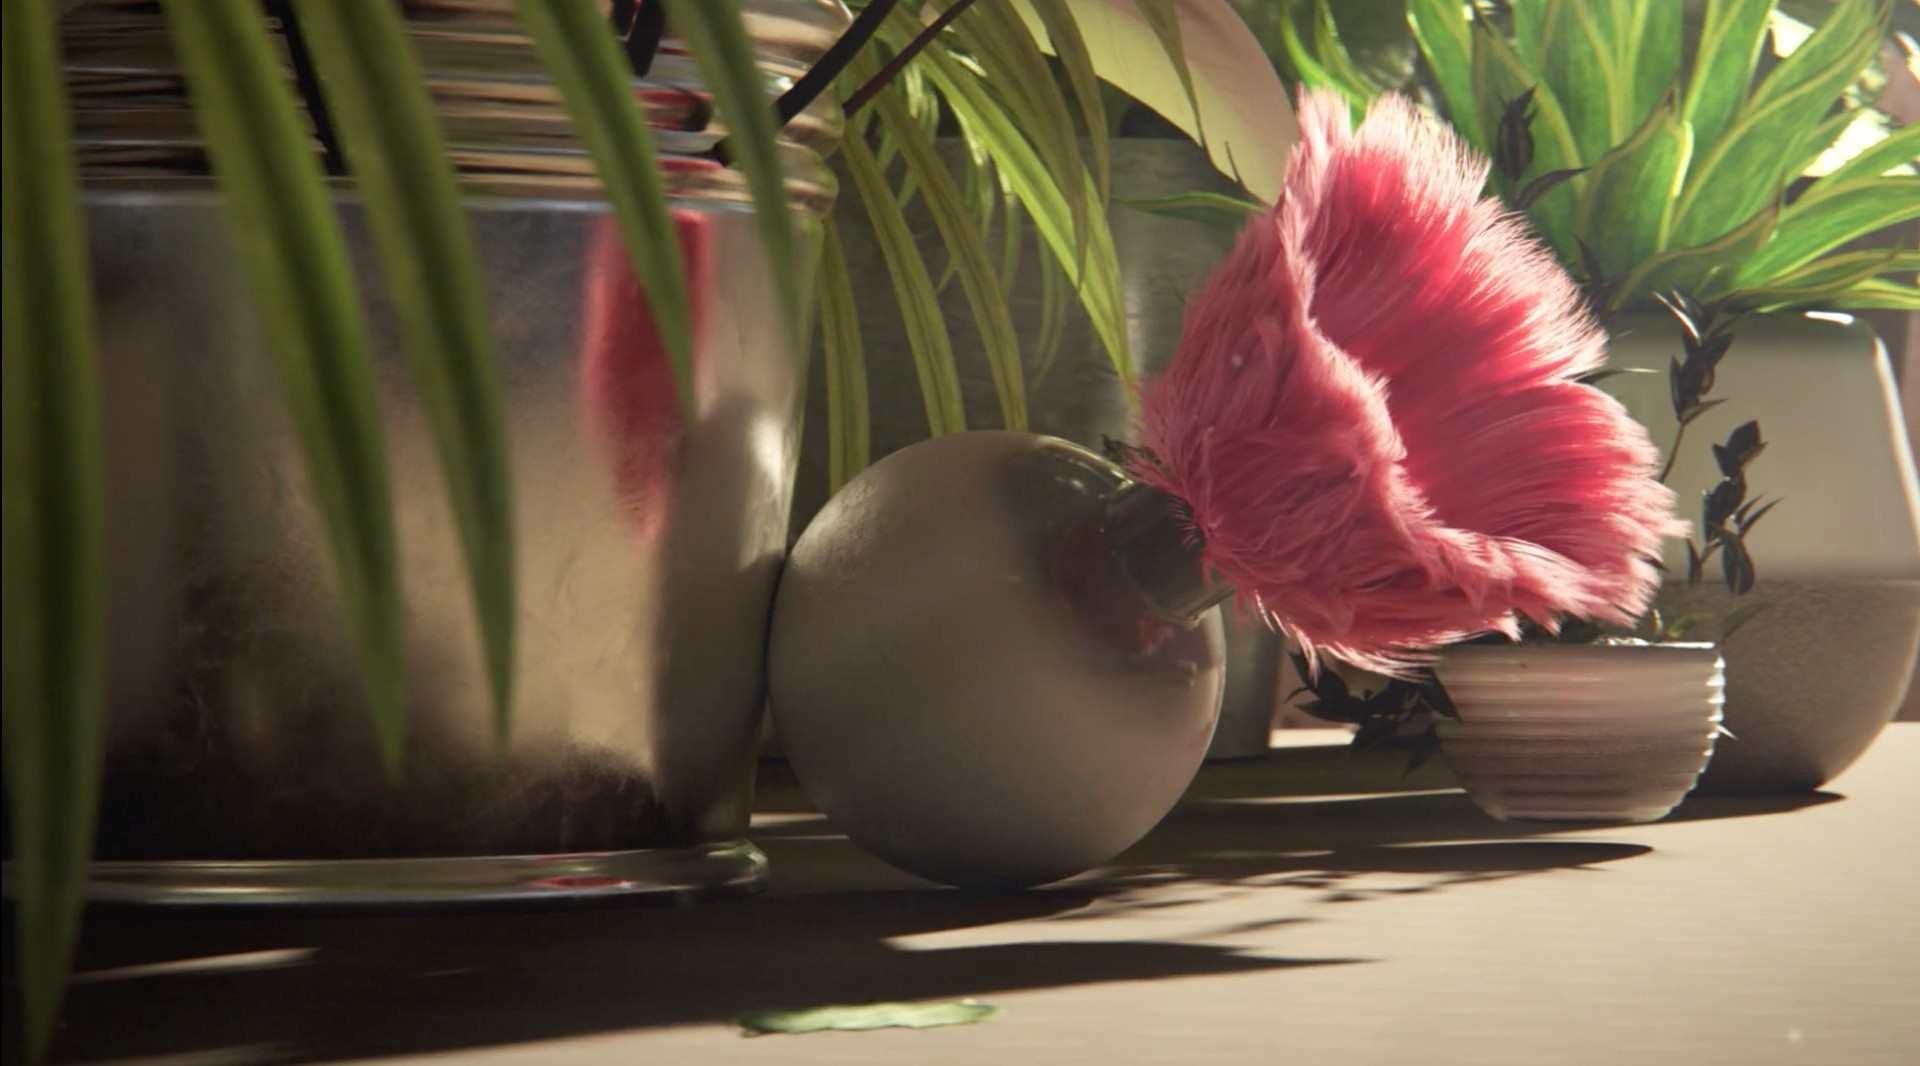 莫名治愈创意短片《神奇的刷子》